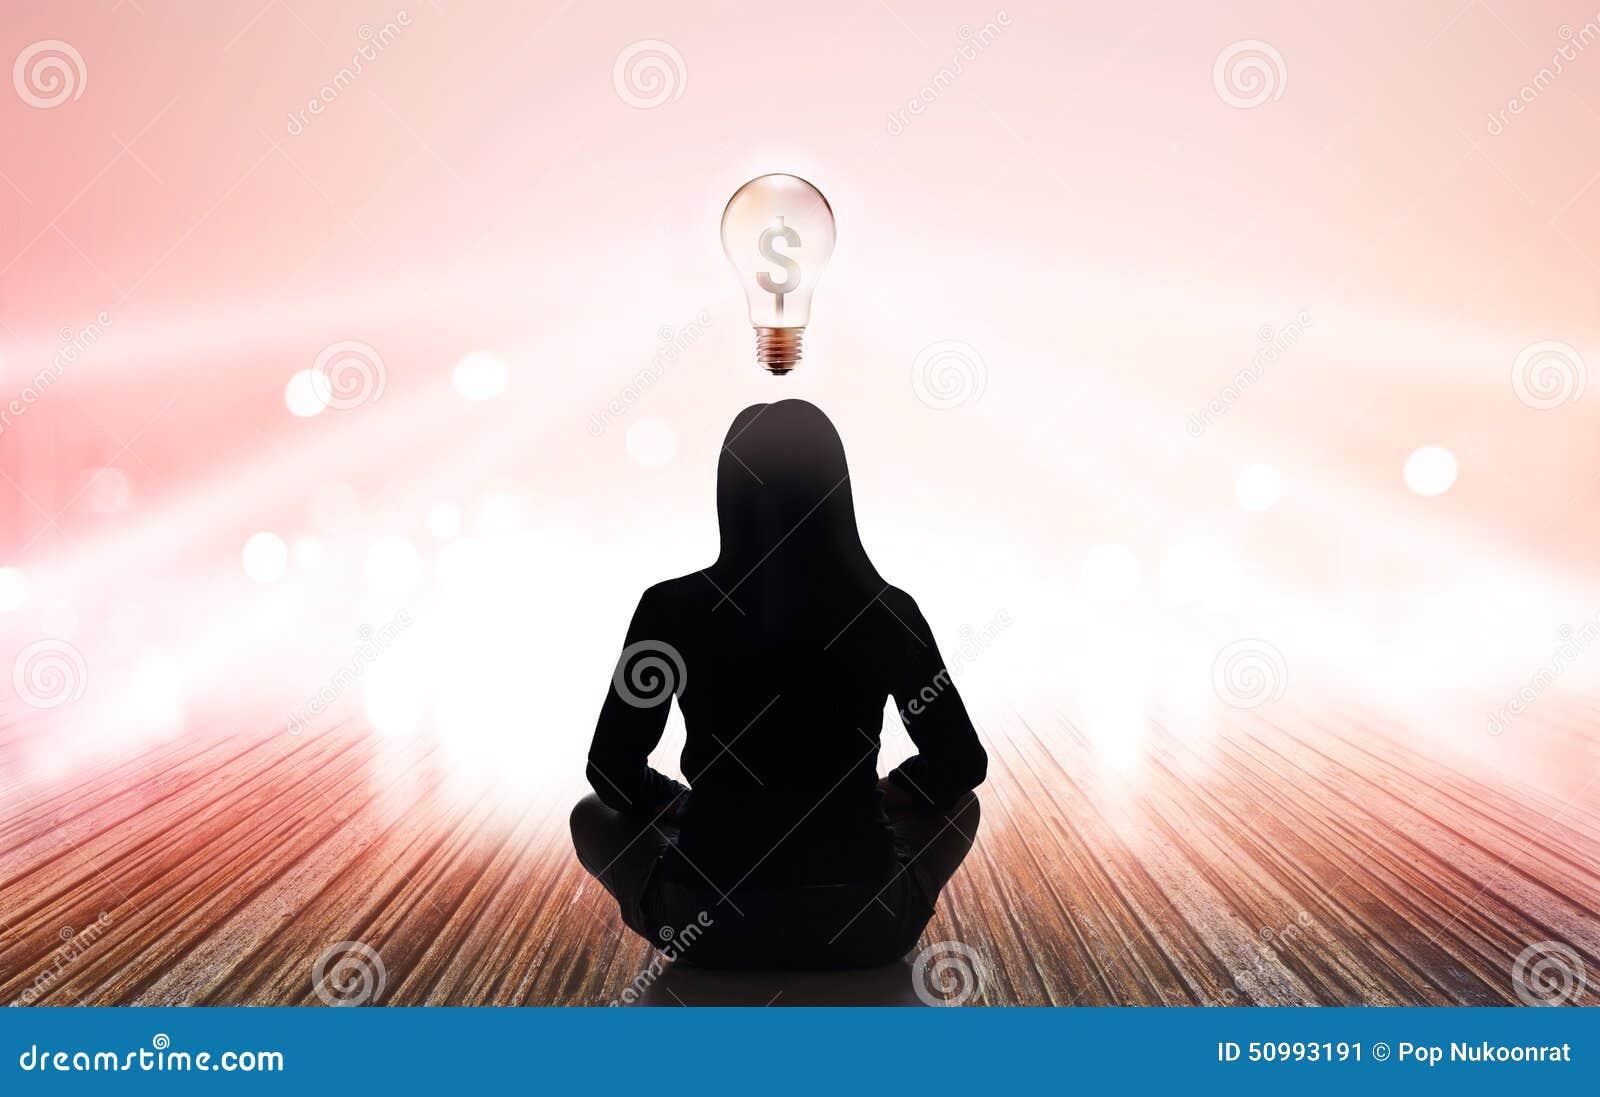 Abstrakte Frau meditieren an den Strahlen des Lichtes Pastell und am hellen blub Zeichengeld auf vibrierendem Hintergrund